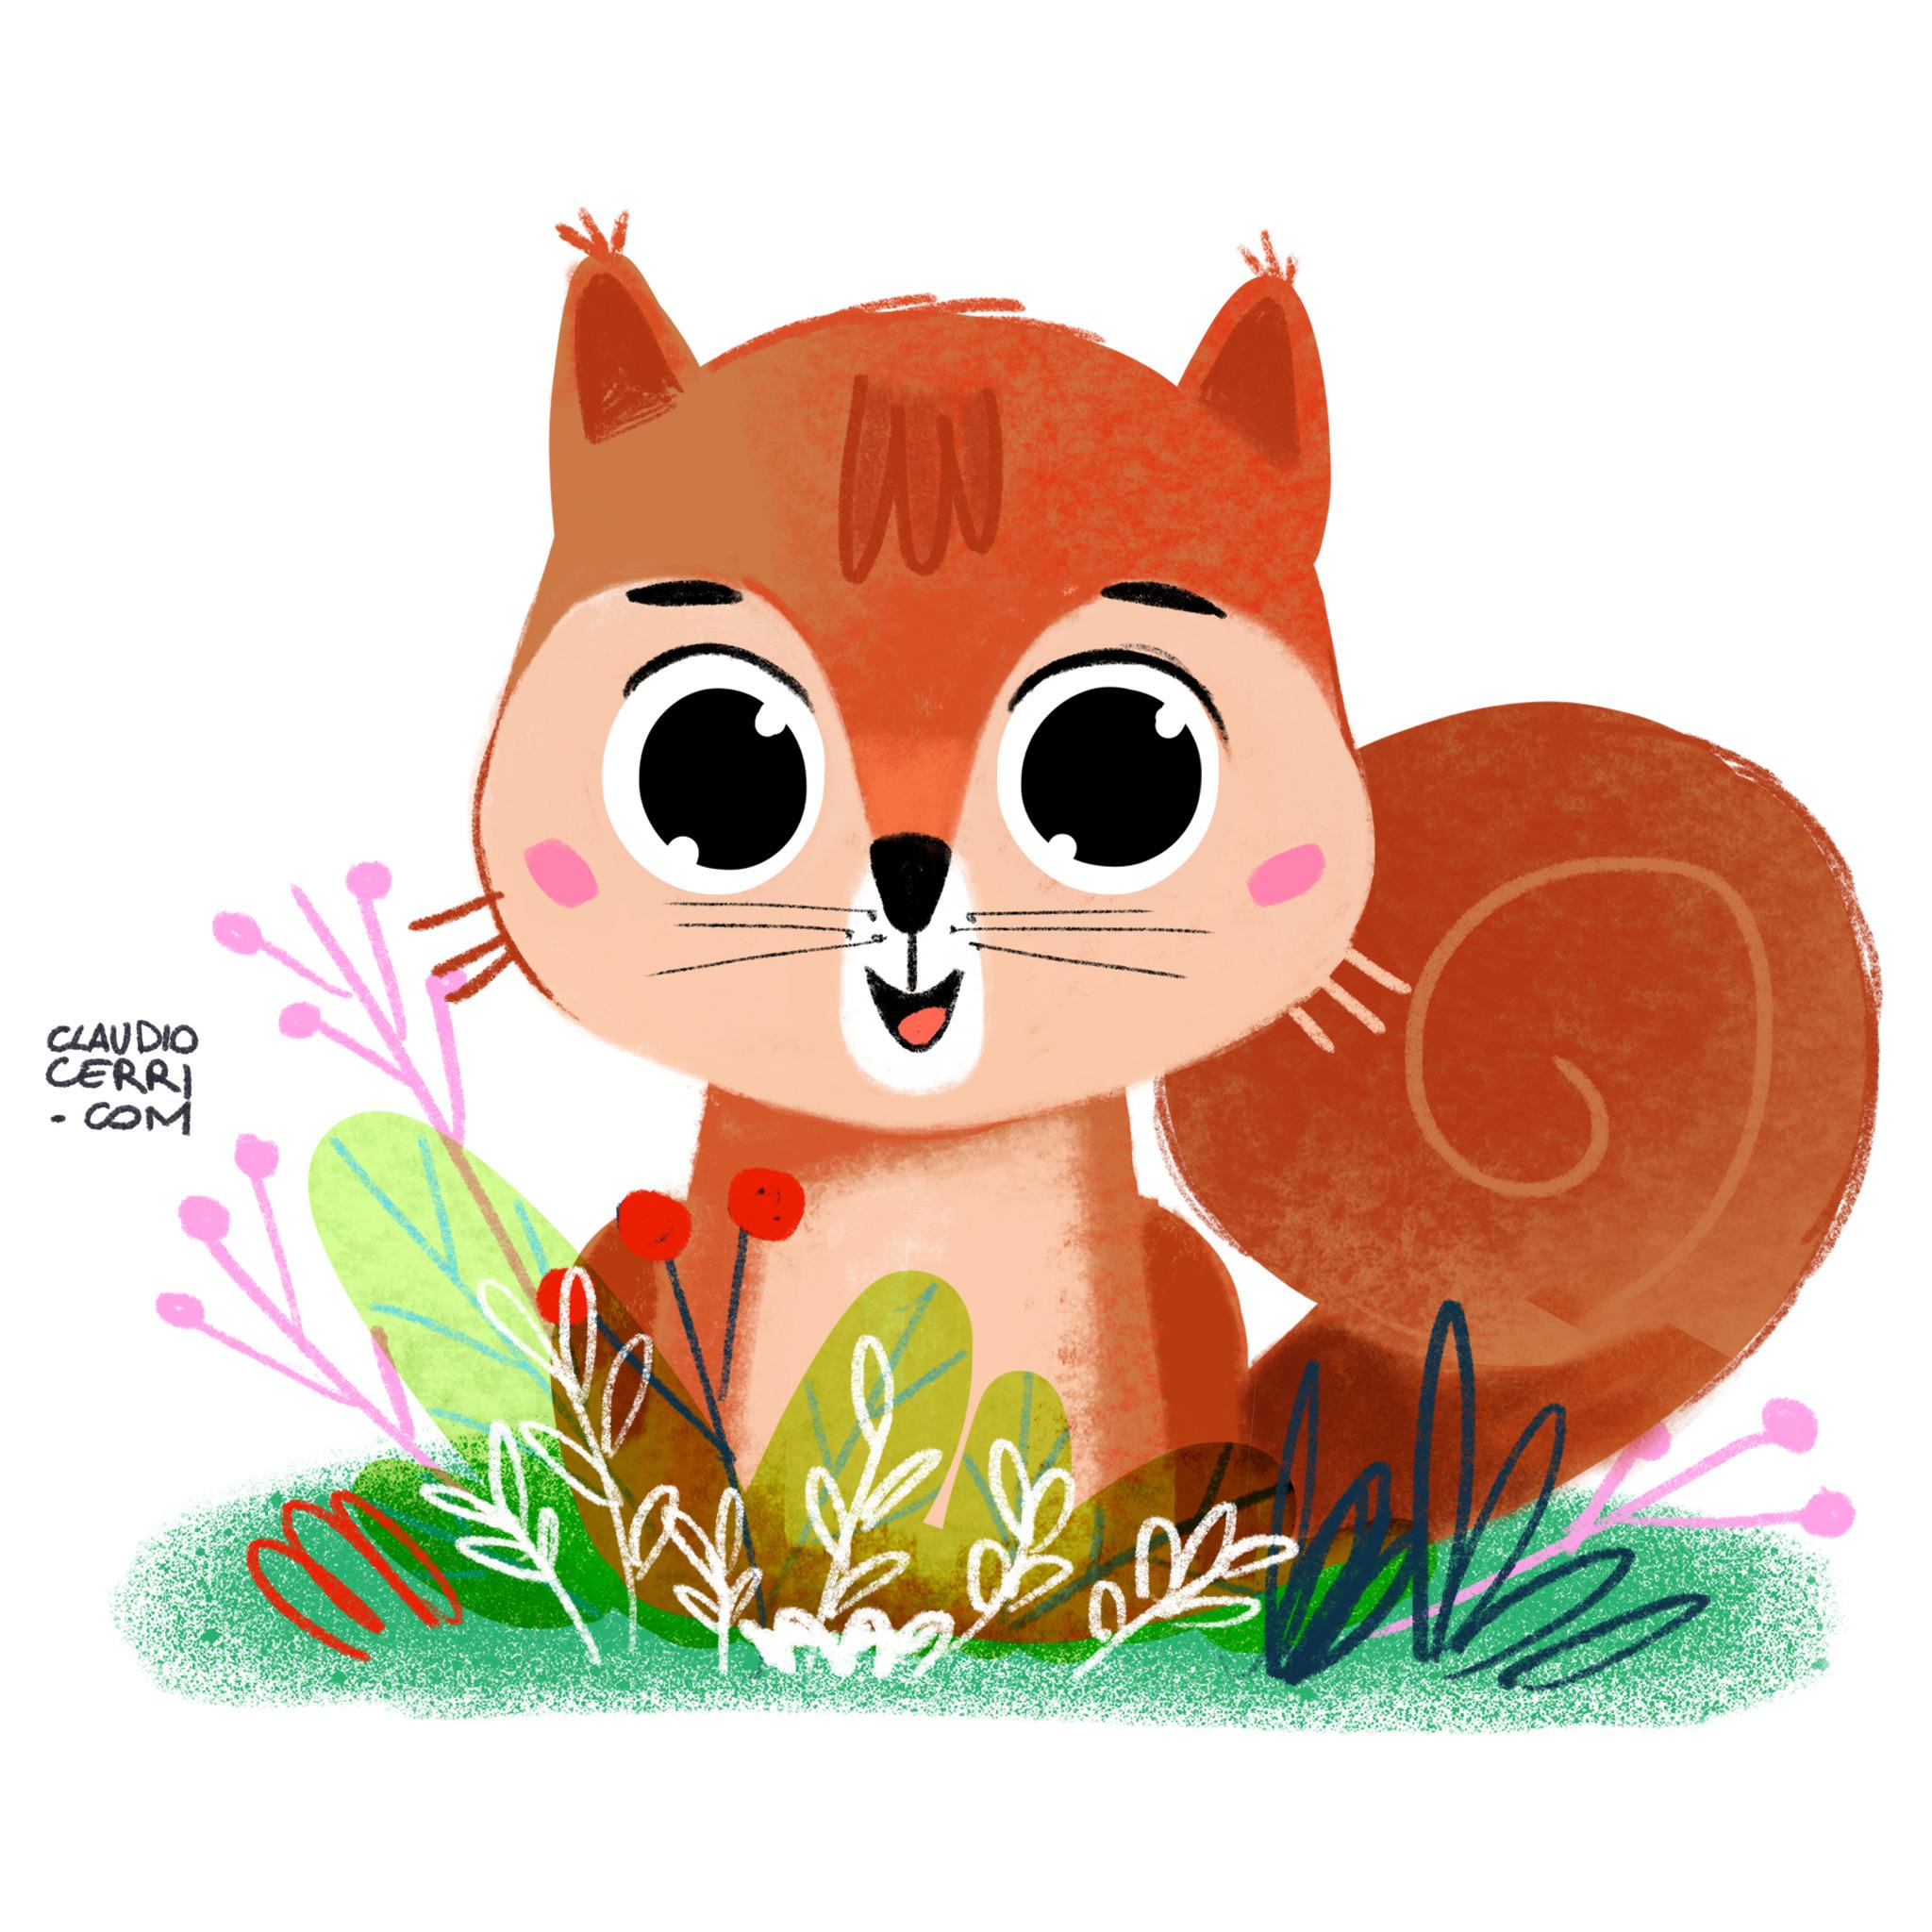 Claudio cerri squirrel